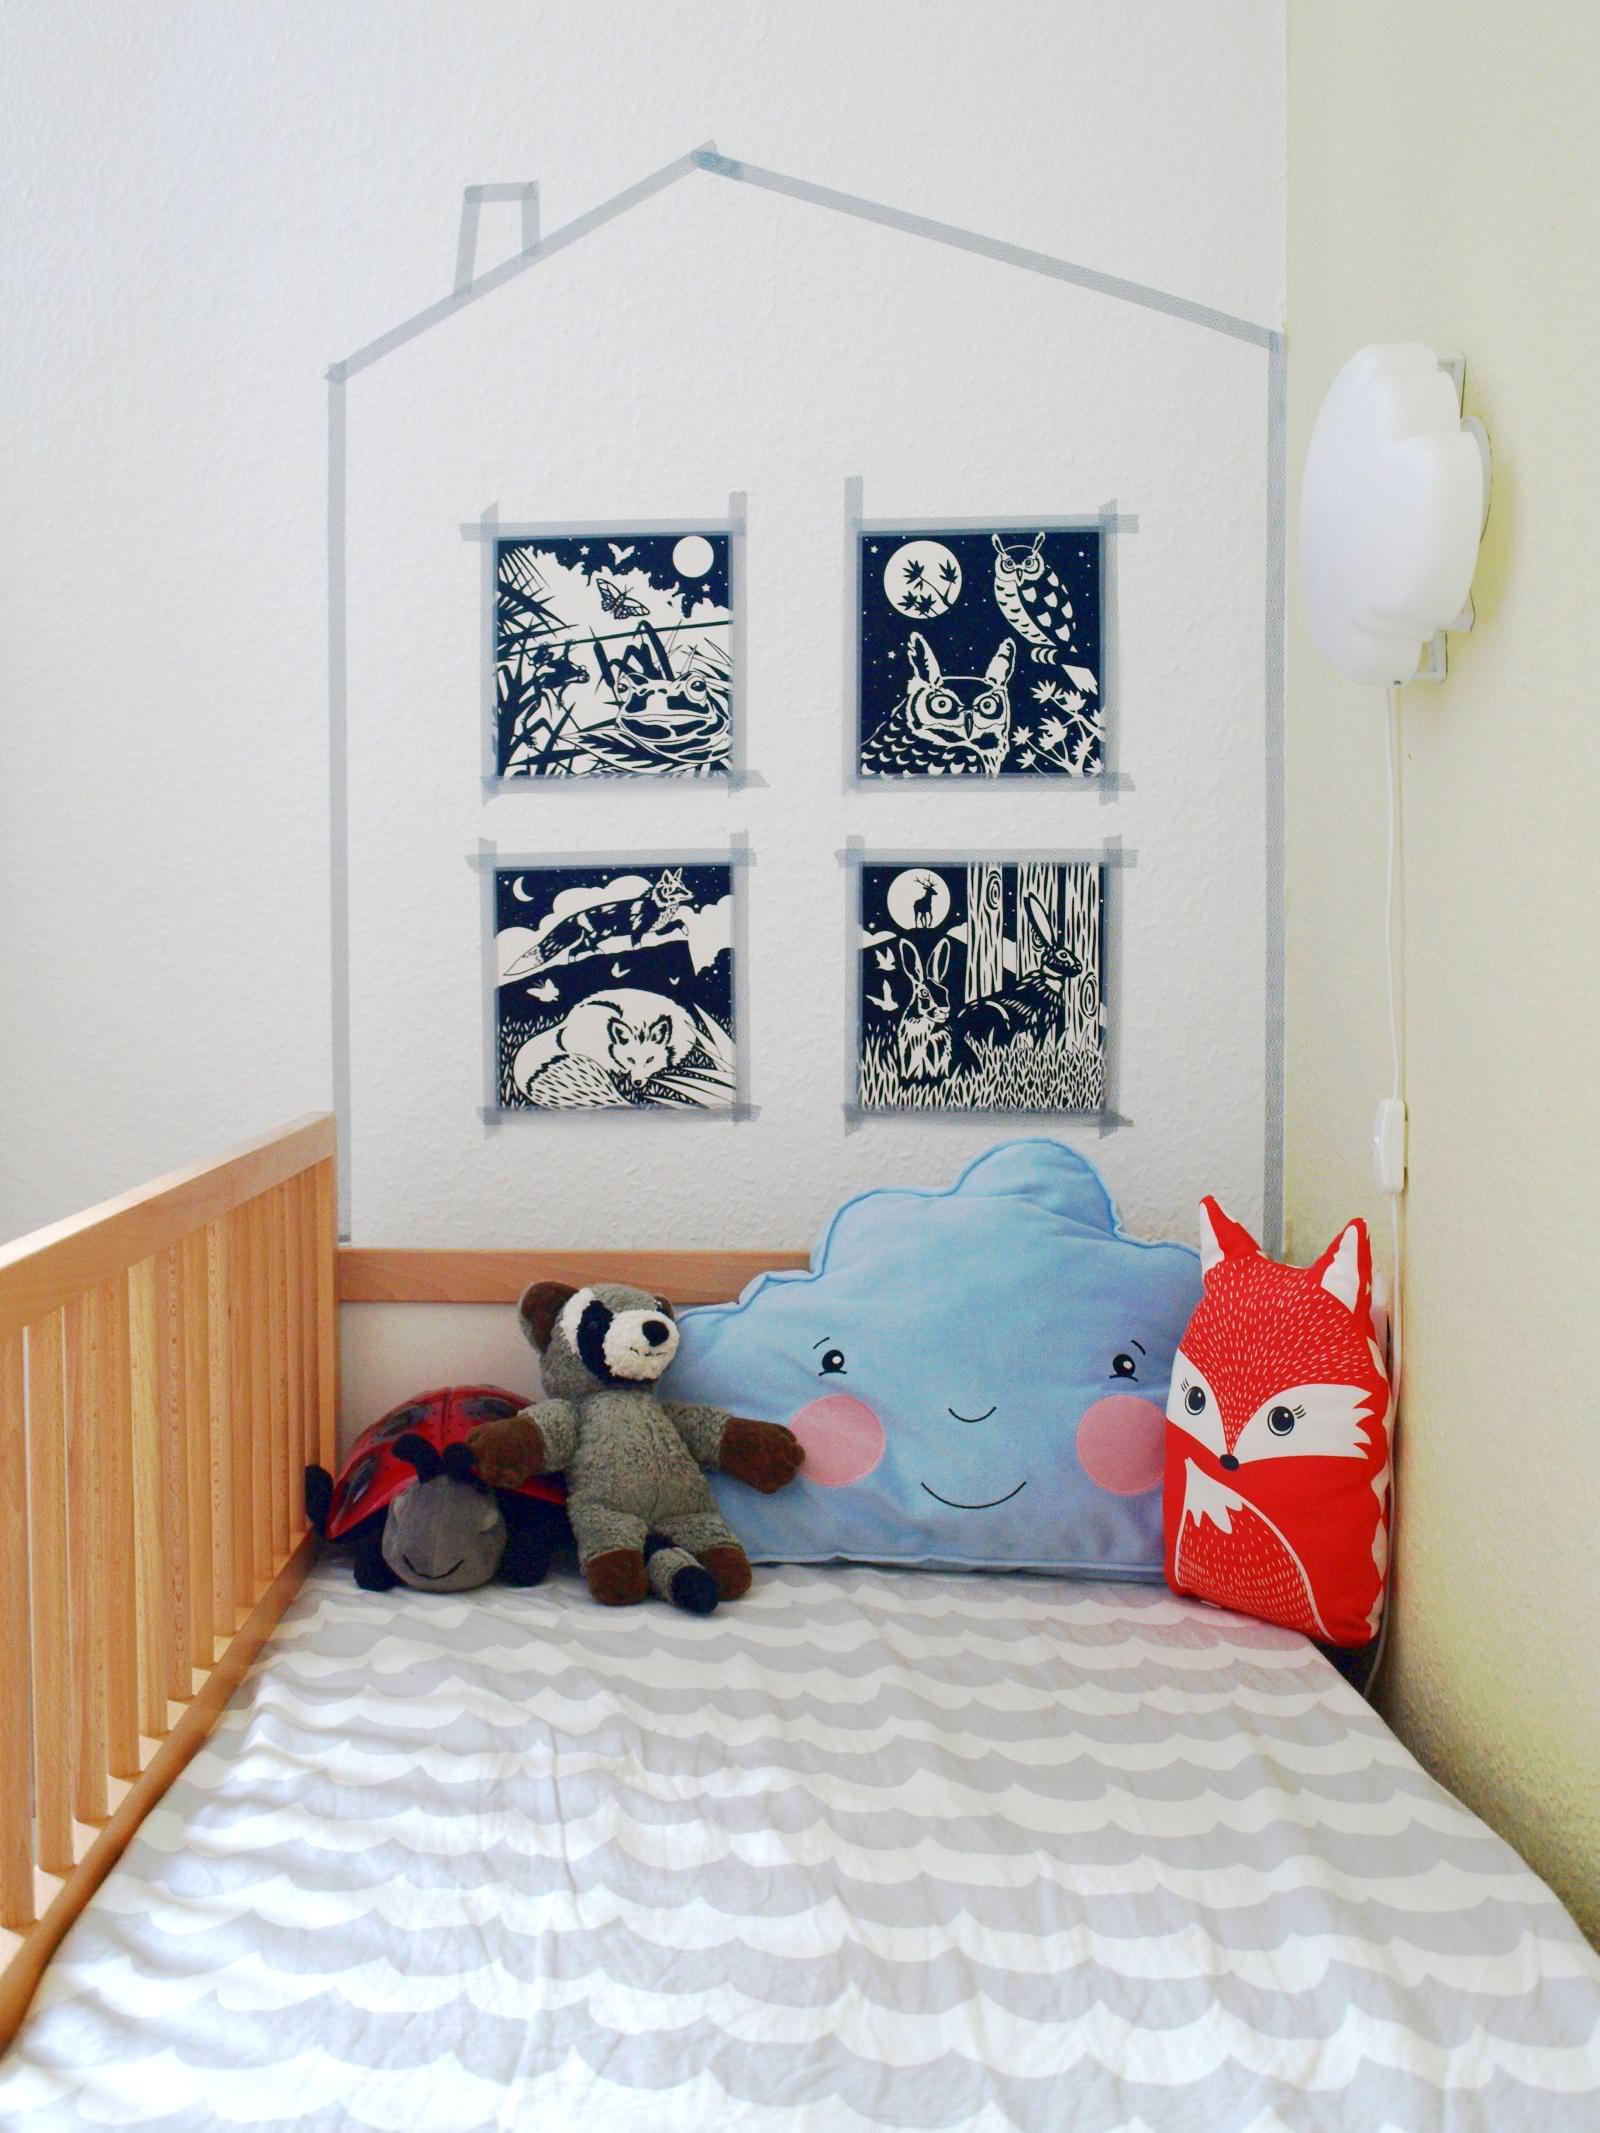 Da Michel Aktuell Noch Im Schlafsack Schläft, Hat Er In Seinem Bett Noch  Keine Bettdecke Liegen. Seine Matratze Habe Ich Mit Einem Bettbezug Bezogen.